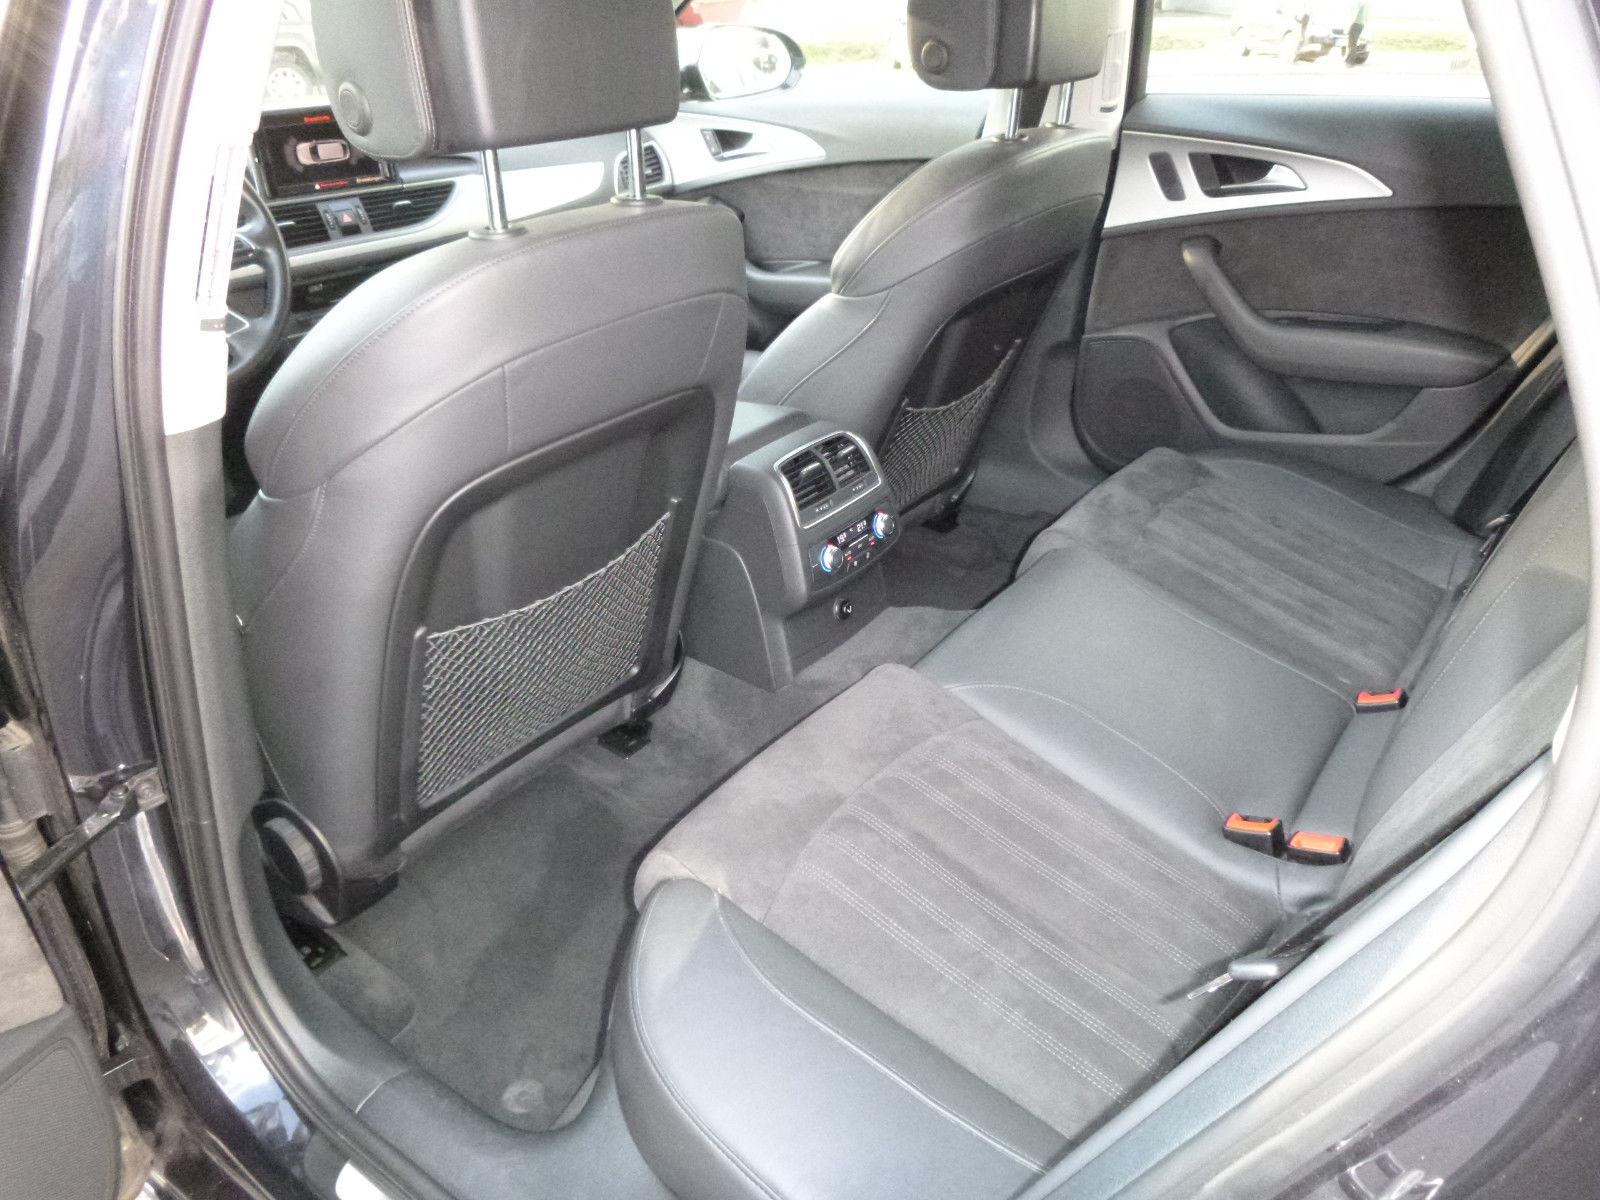 Покупка на кола от Германия -Ауди А6 2013-та, 2.0 TDI, 177 к.с.; 09.09.2017 Галерия (12)